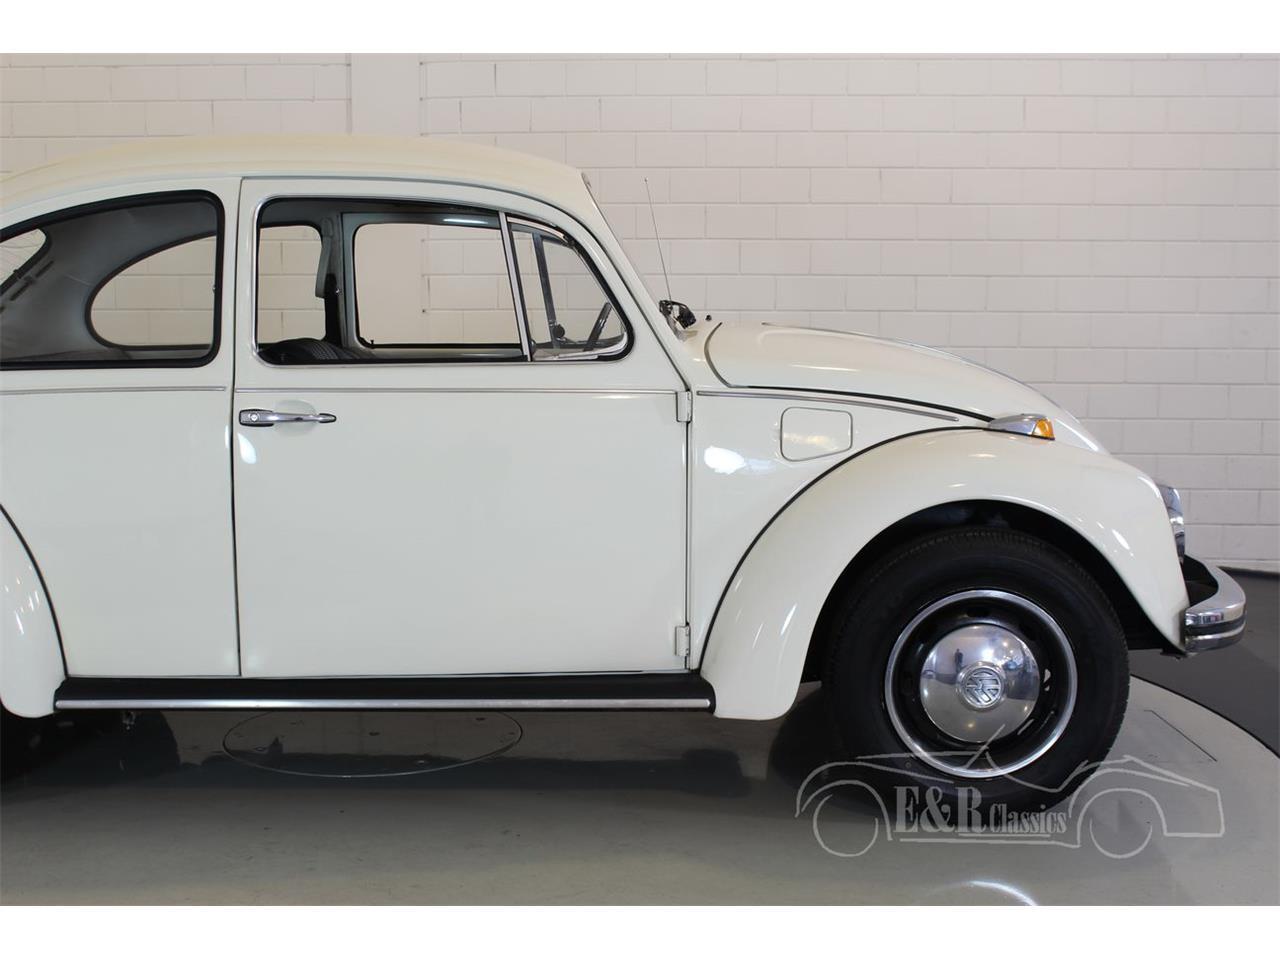 Large Picture of Classic 1973 Volkswagen Beetle located in Waalwijk Noord-Brabant - $13,500.00 - QJ2U